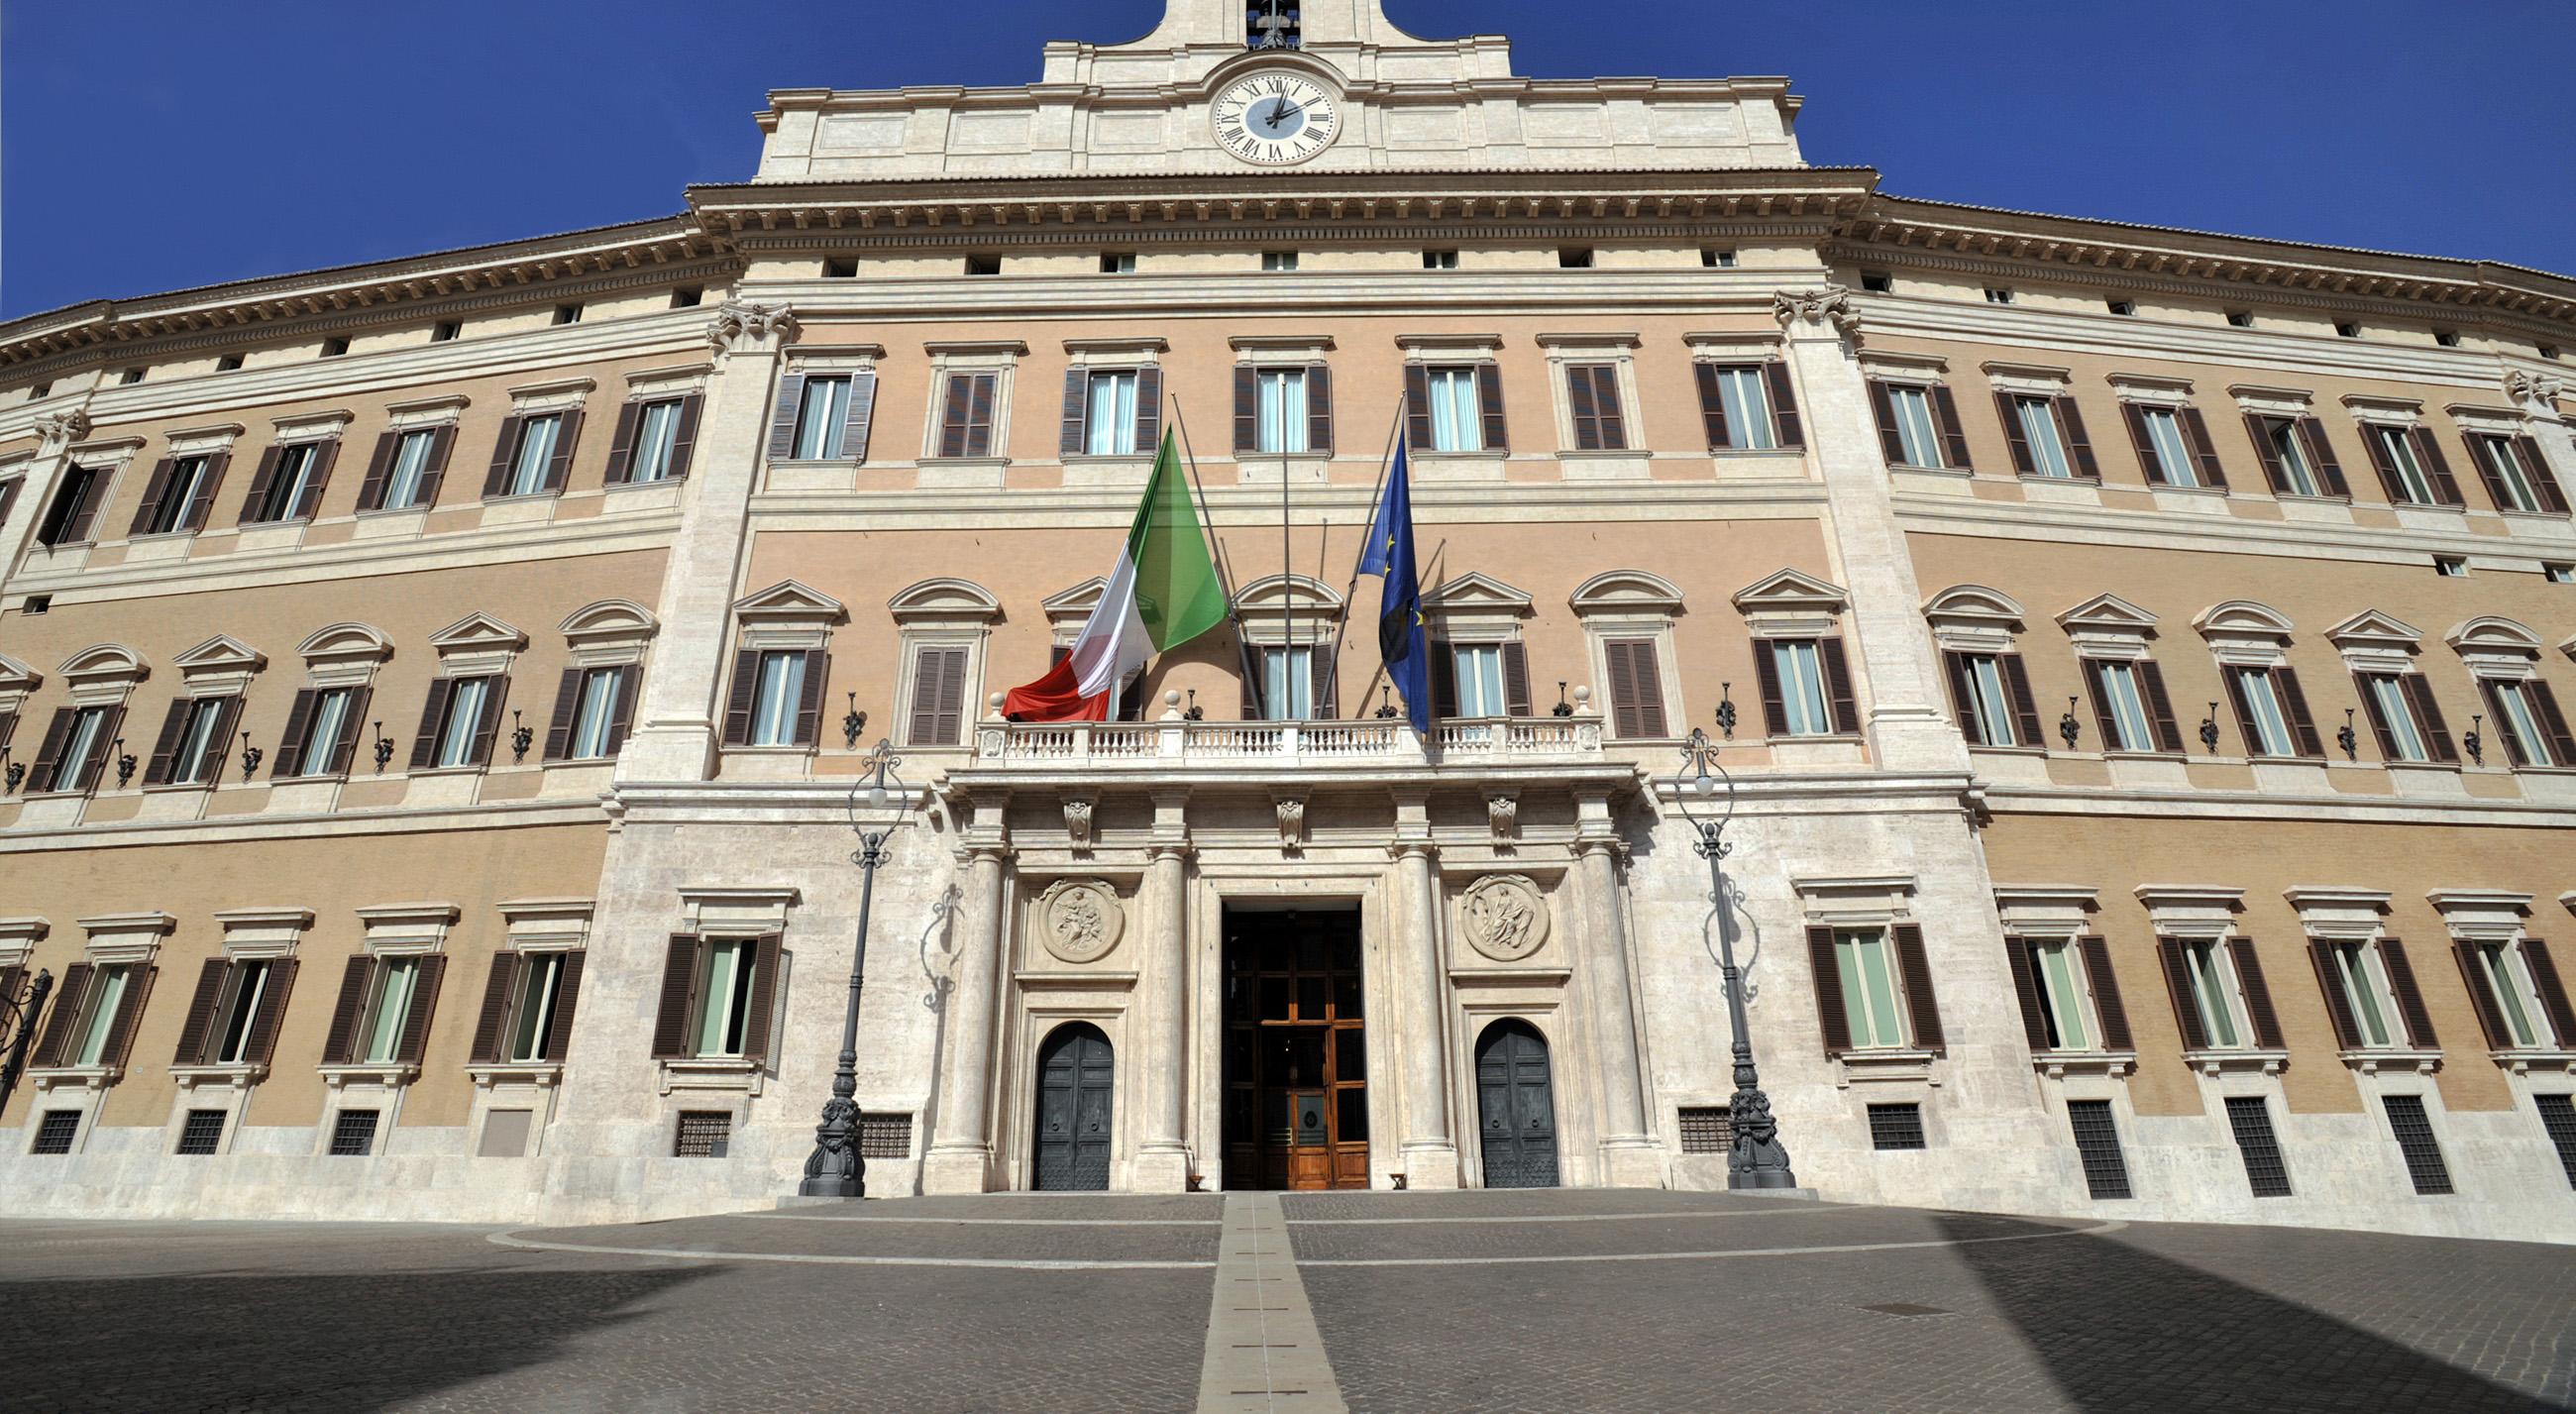 Lotta alla criminalità, prevenzione della corruzione e beni confiscati: la settimana parlamentare del 12 ottobre